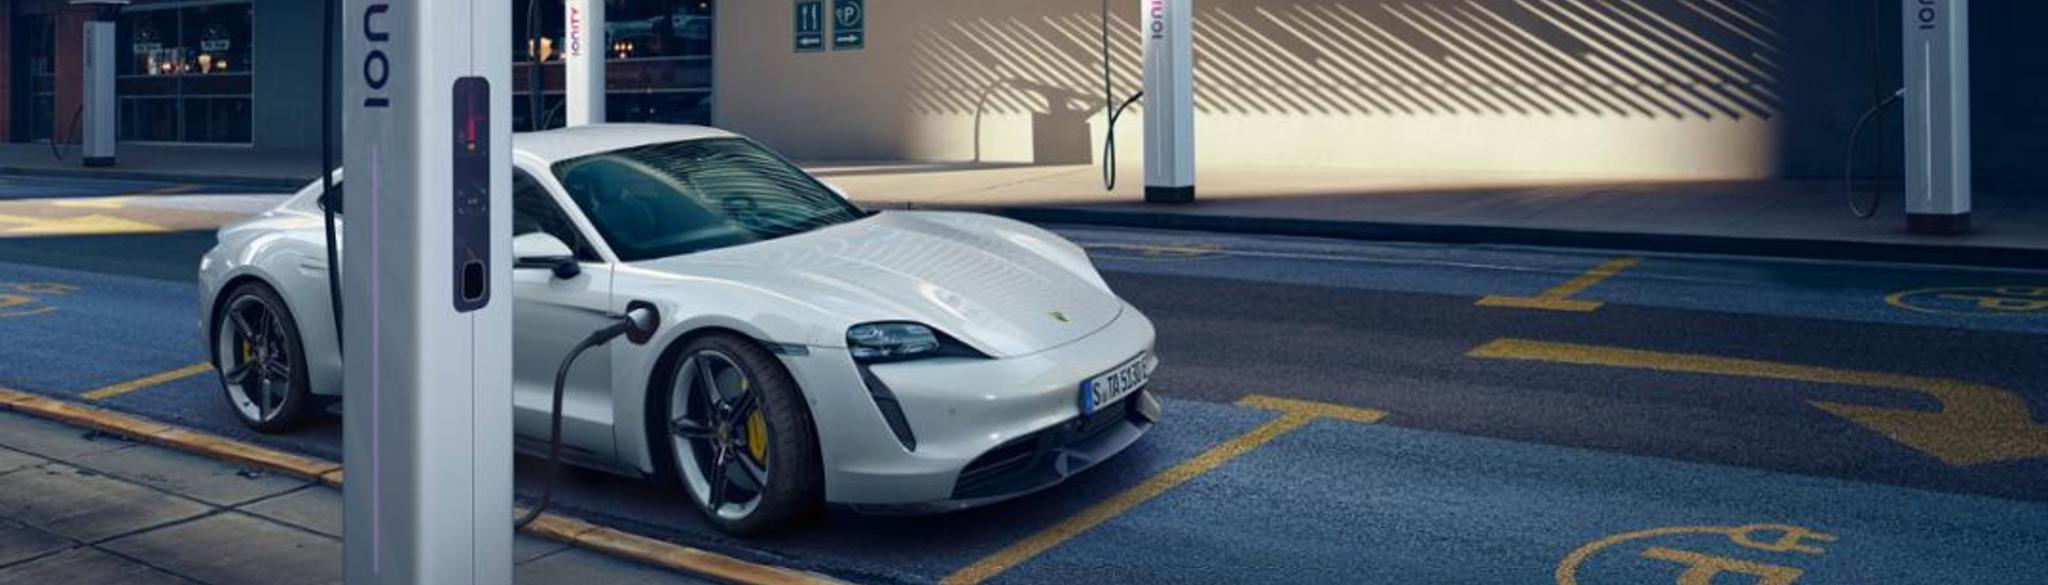 Porsche Taycan Charging (1)